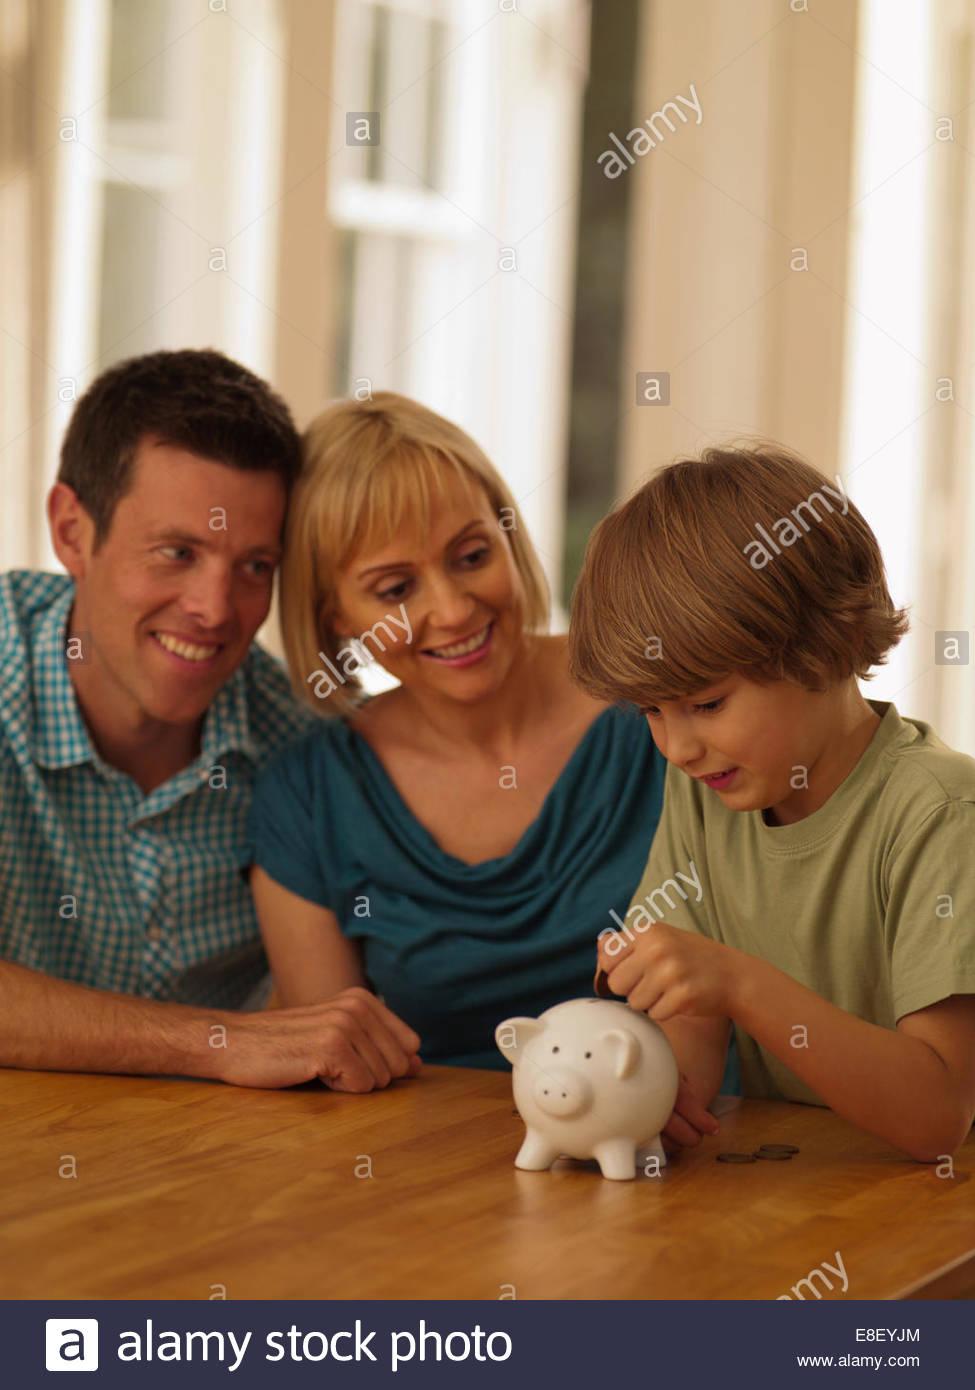 Los padres viendo hijo poner la moneda en la alcancía Imagen De Stock